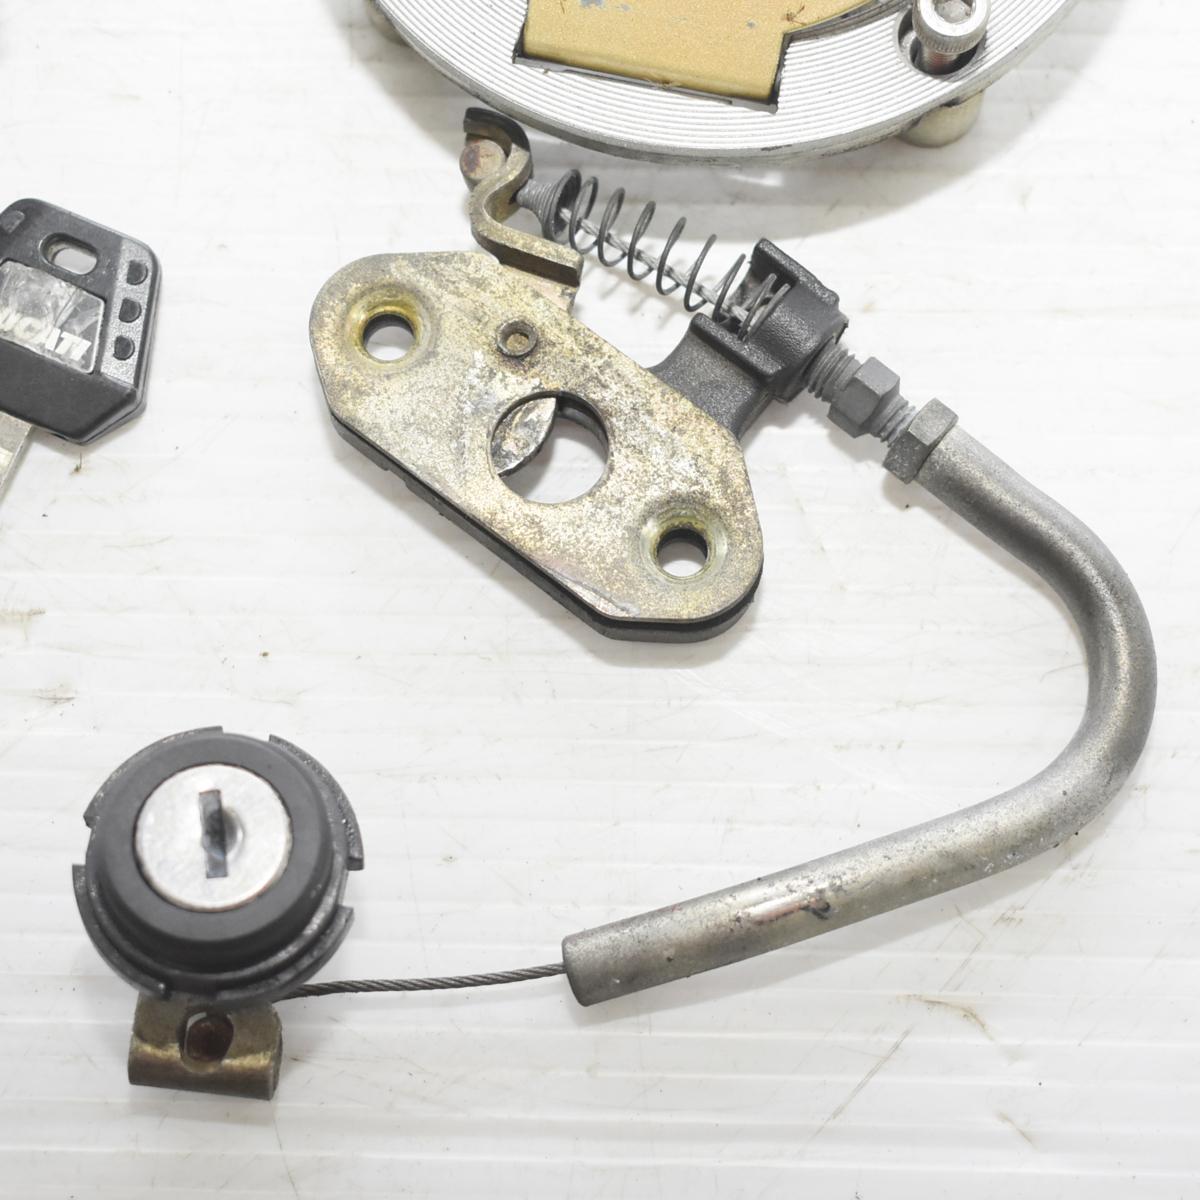 ドゥカティ SS900 ZDM1LC メインキー タンクキャップ シートロック 共通キーセット 【A】ASV_画像3